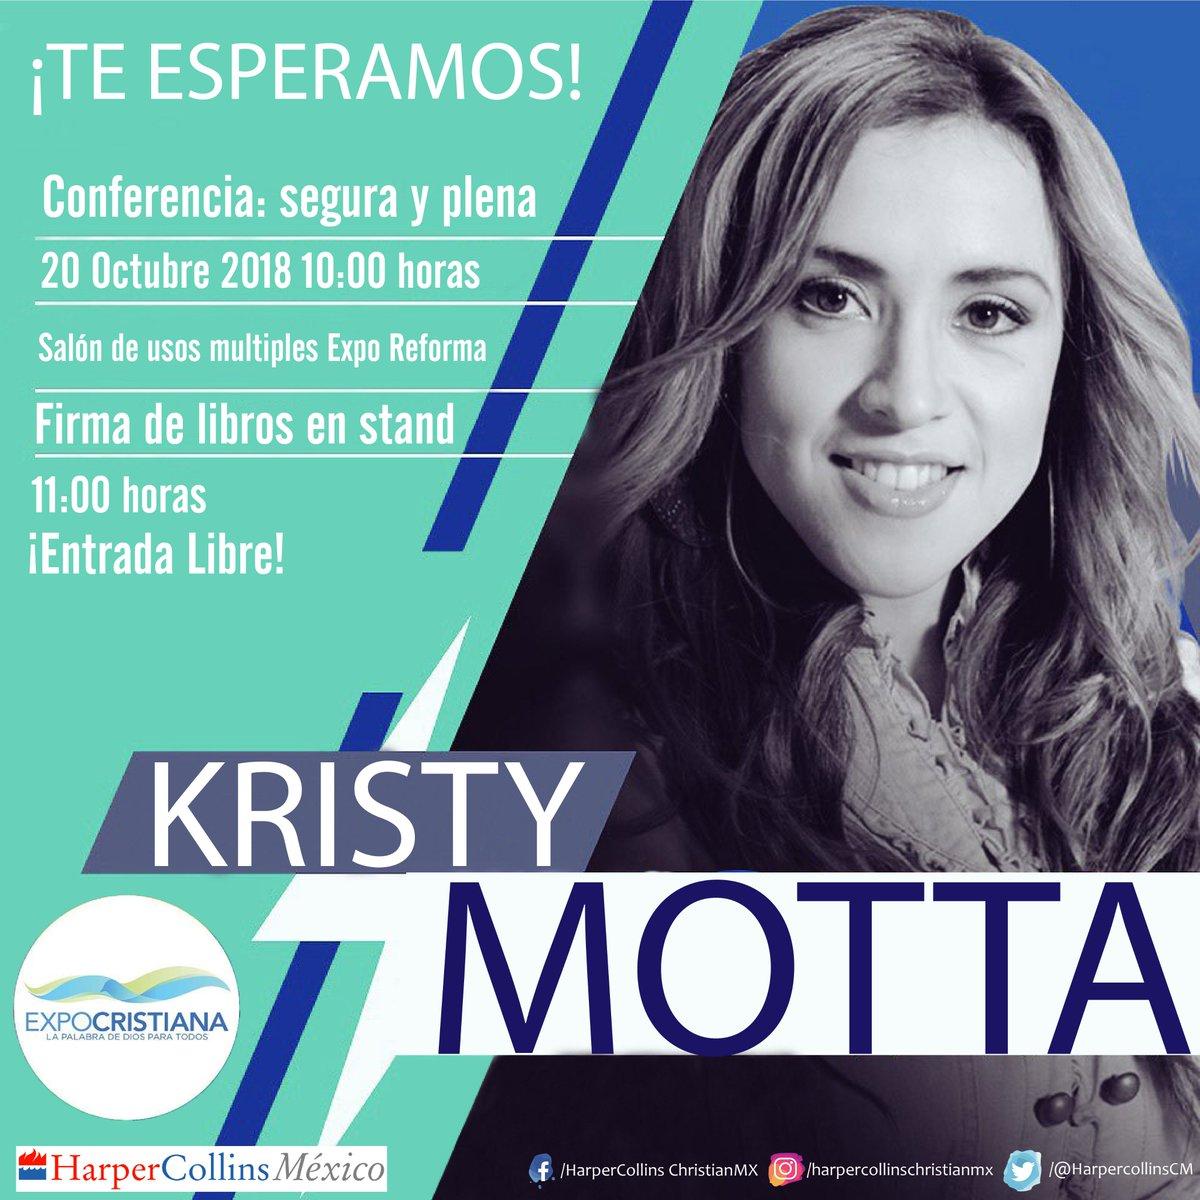 Asiste el próximo sábado 20 de Octubre a la conferencia: Segura y plena con Kristty Mota en #Expocristiana2018 y al termino de la conferencia tendremos una firma de libros en nuestro stand. #Exporeforma #mujerfuerte #Cristiano